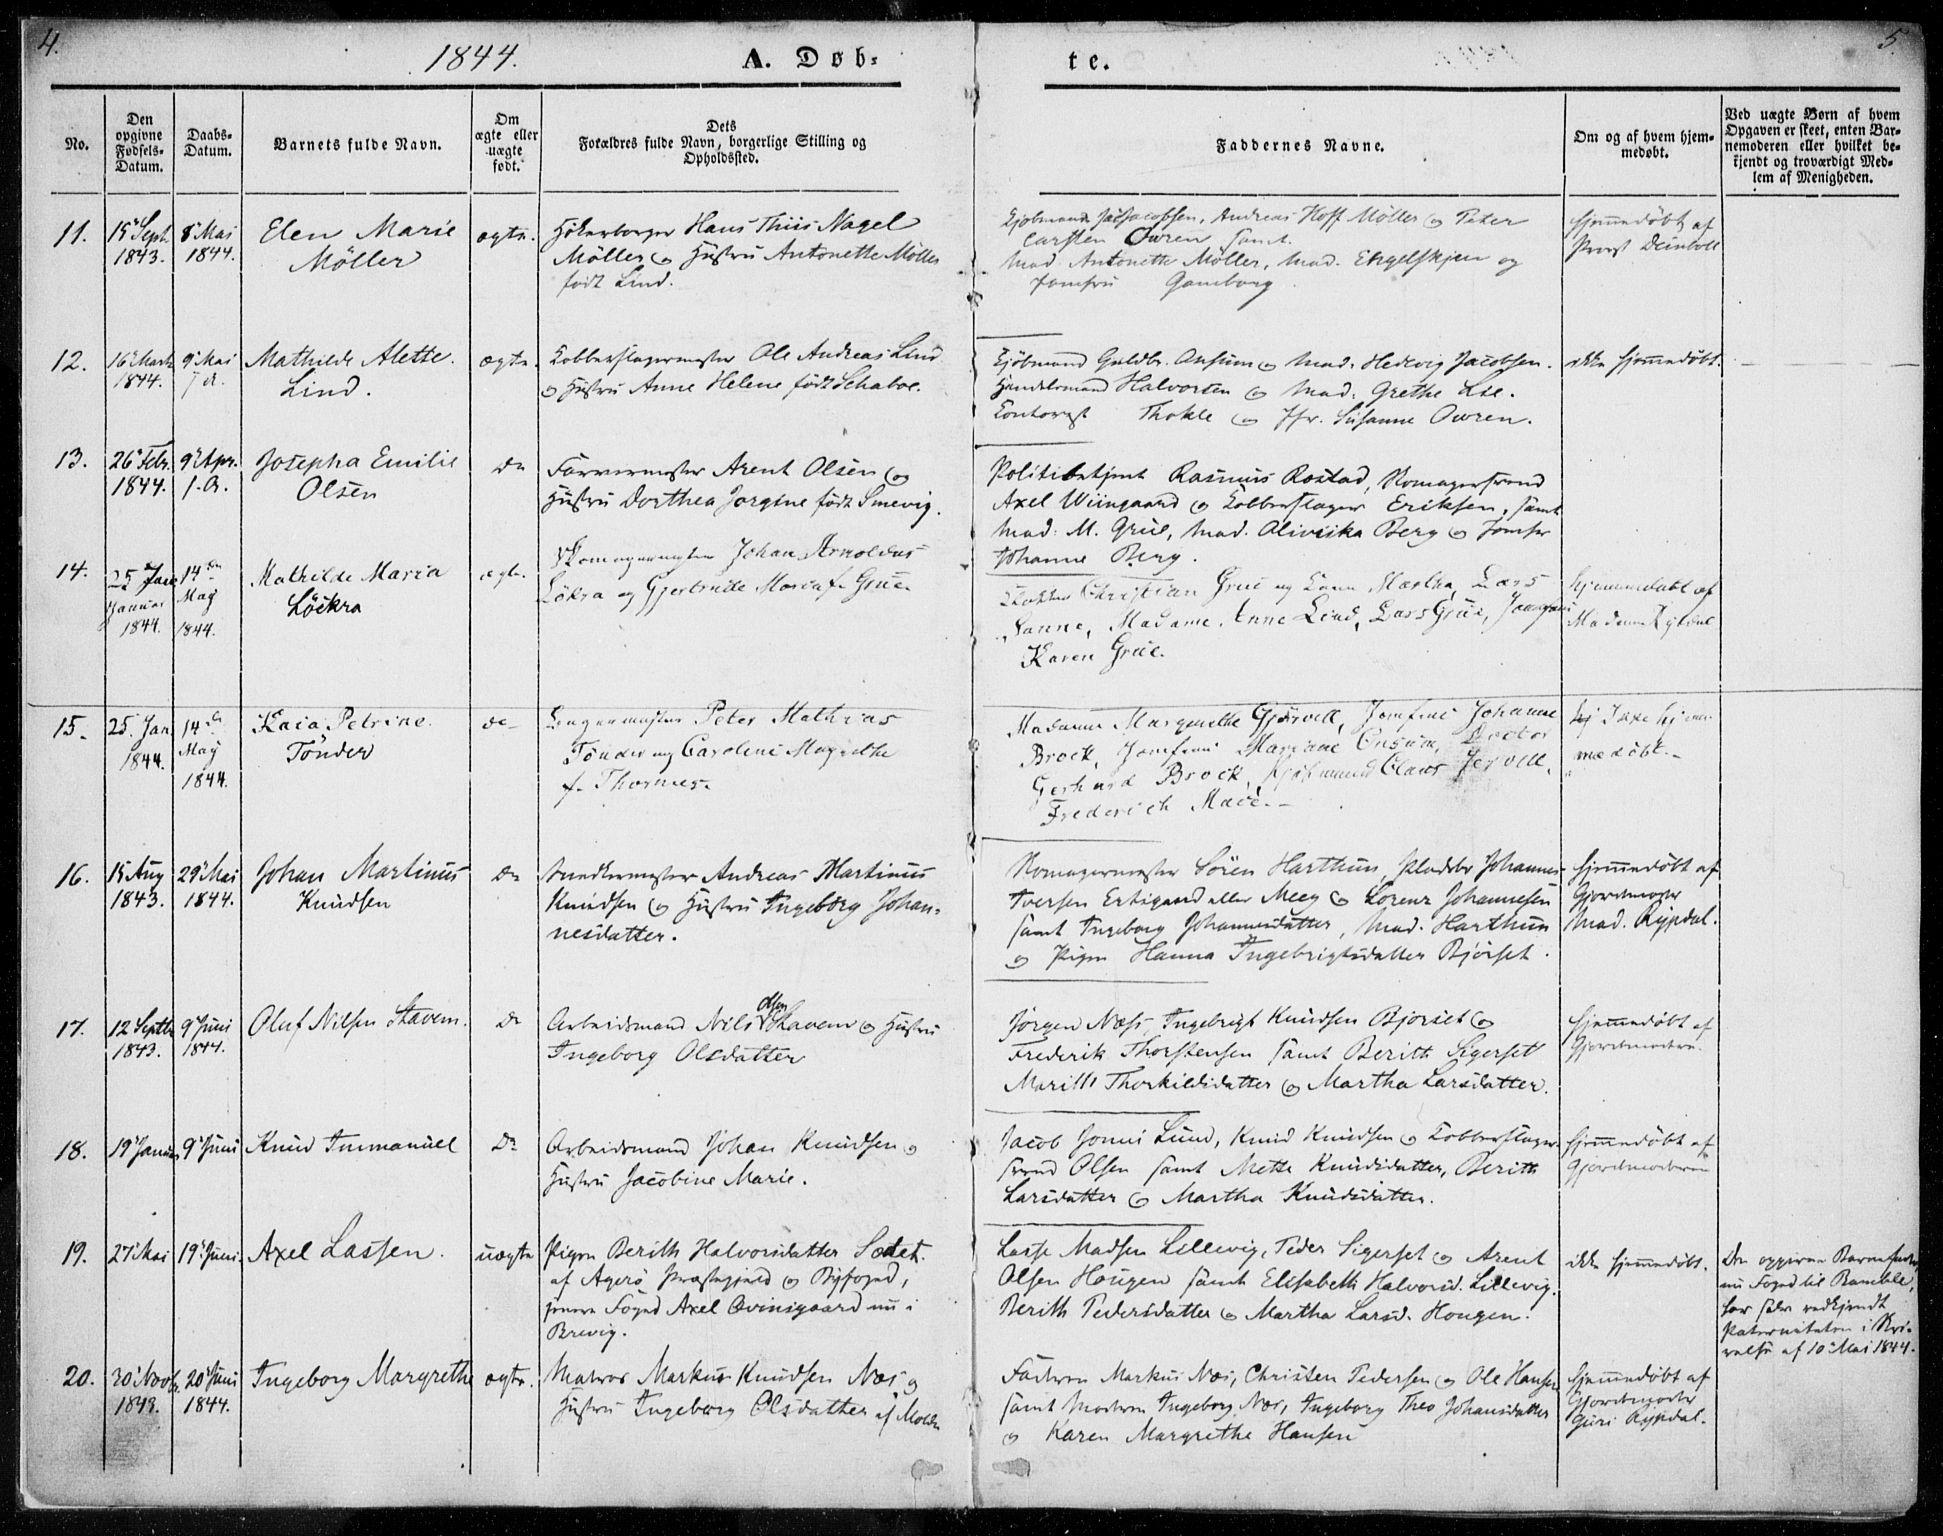 SAT, Ministerialprotokoller, klokkerbøker og fødselsregistre - Møre og Romsdal, 558/L0689: Ministerialbok nr. 558A03, 1843-1872, s. 4-5